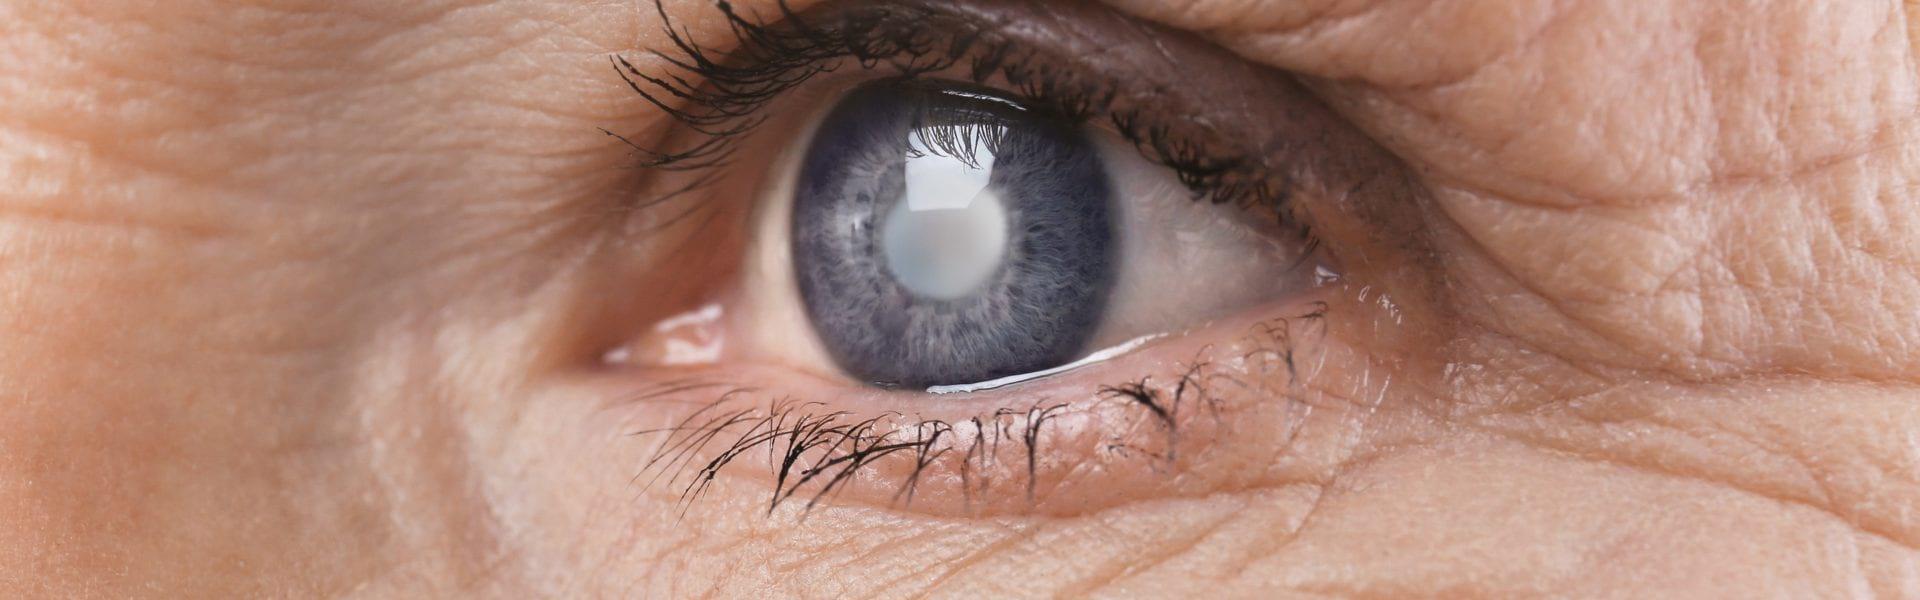 Αίτια, συμπτώματα και θεραπεία για τους όγκους του κόγχου στα μάτια